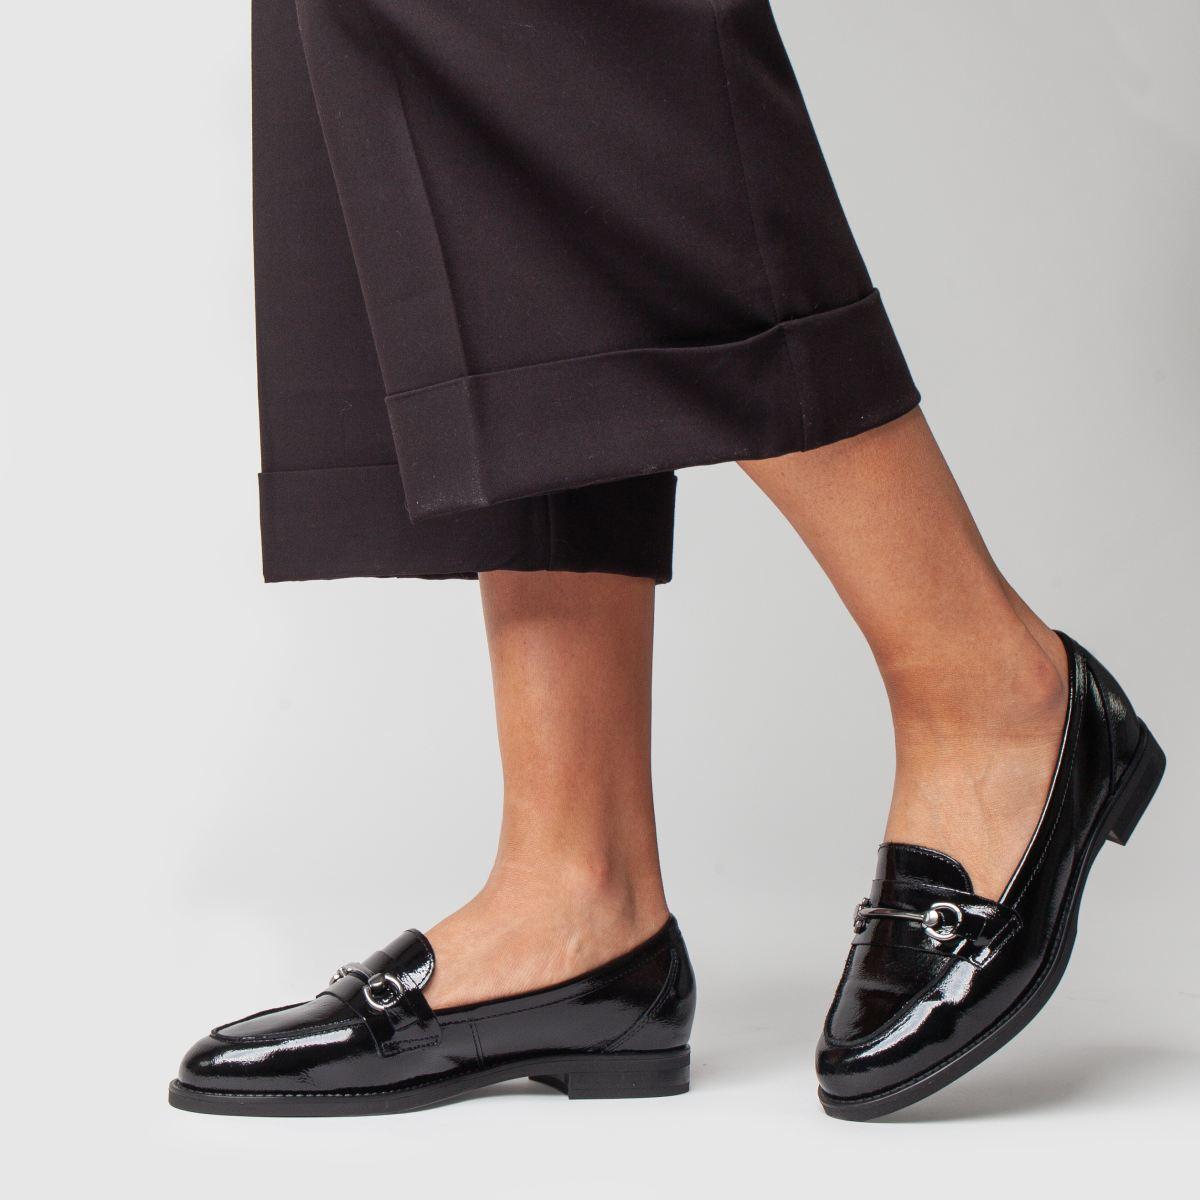 Damen Schwarz schuh Infinity Flats | schuh Gute Qualität beliebte Schuhe